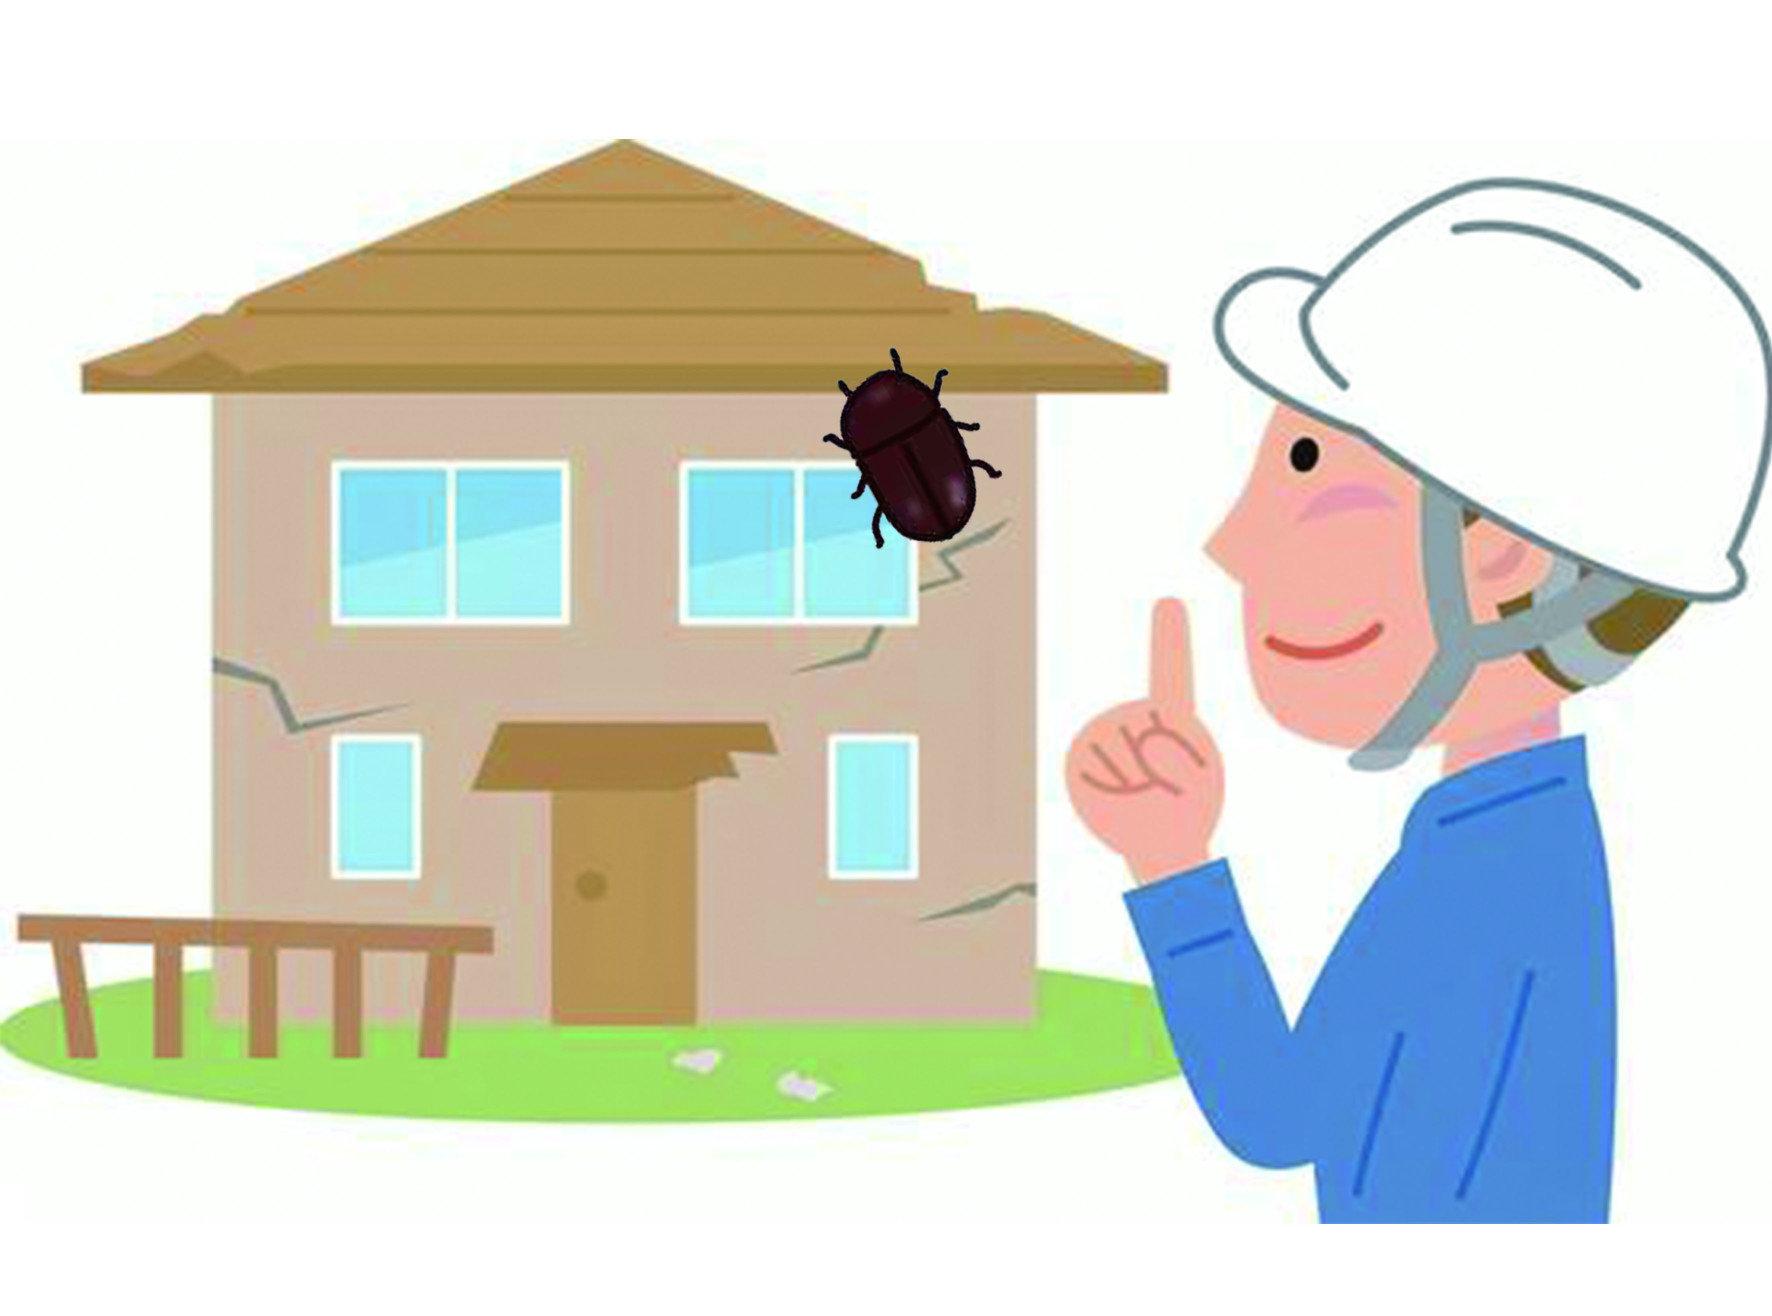 【除煙甲蟲】乾燥食品與草蓆孳生的煙甲蟲,防治須注意四重點 !!